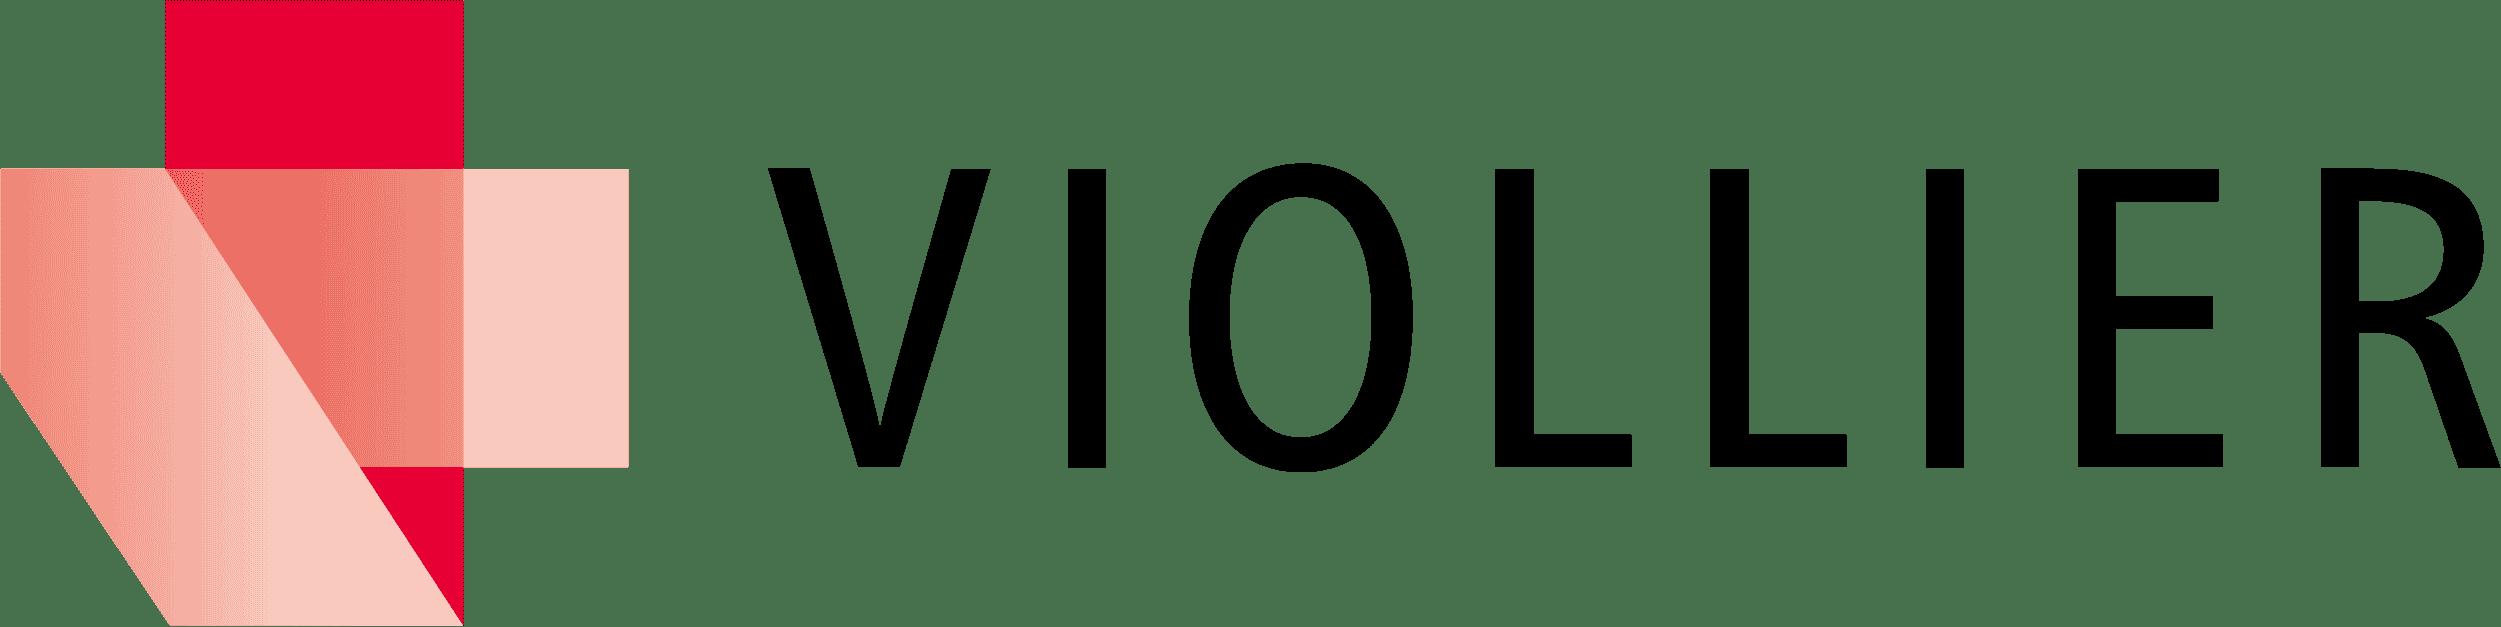 viollier-logo-vectorneu